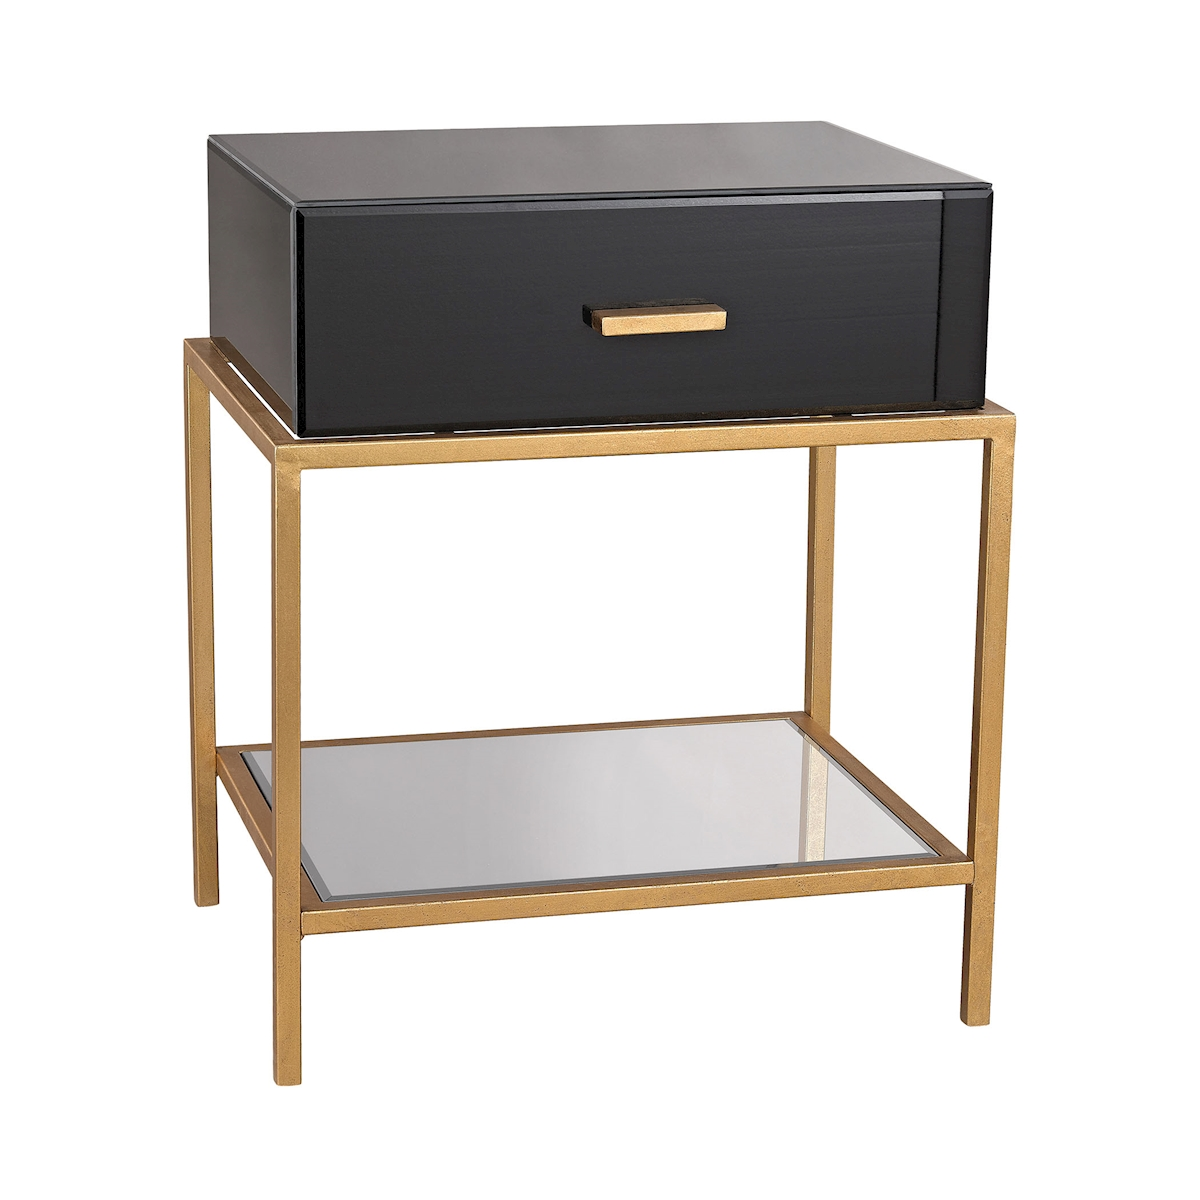 Evans Side Table in Black and Gold Leaf | Elk Home